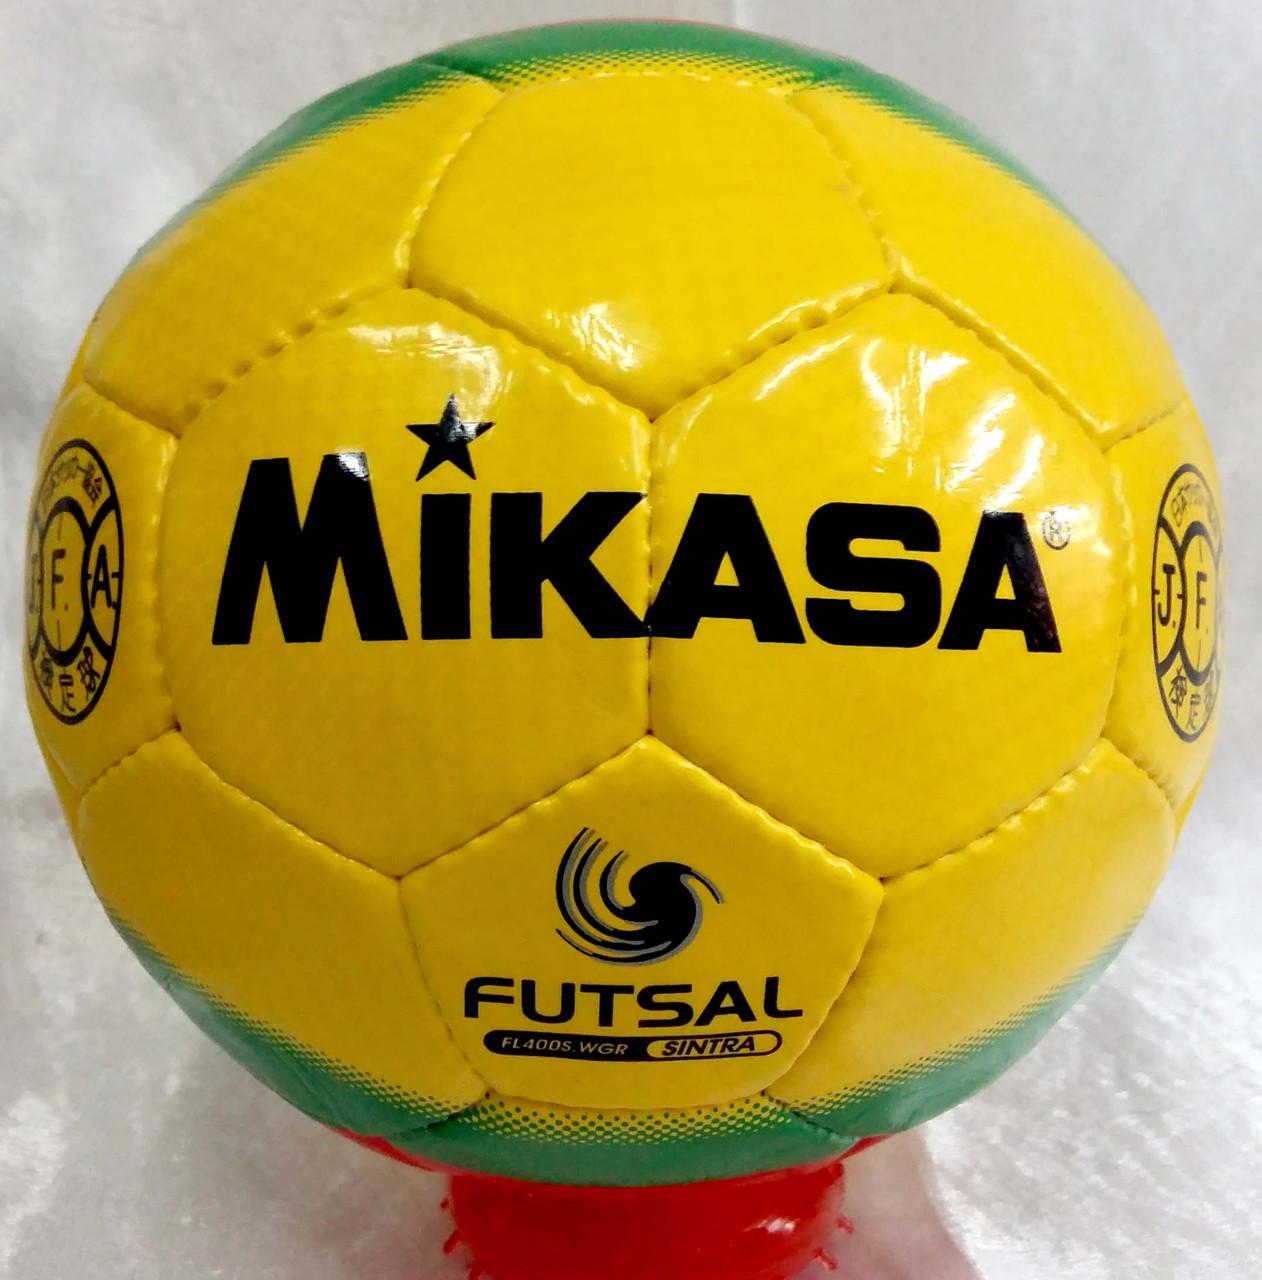 Мяч футбольный Mikasa size 4